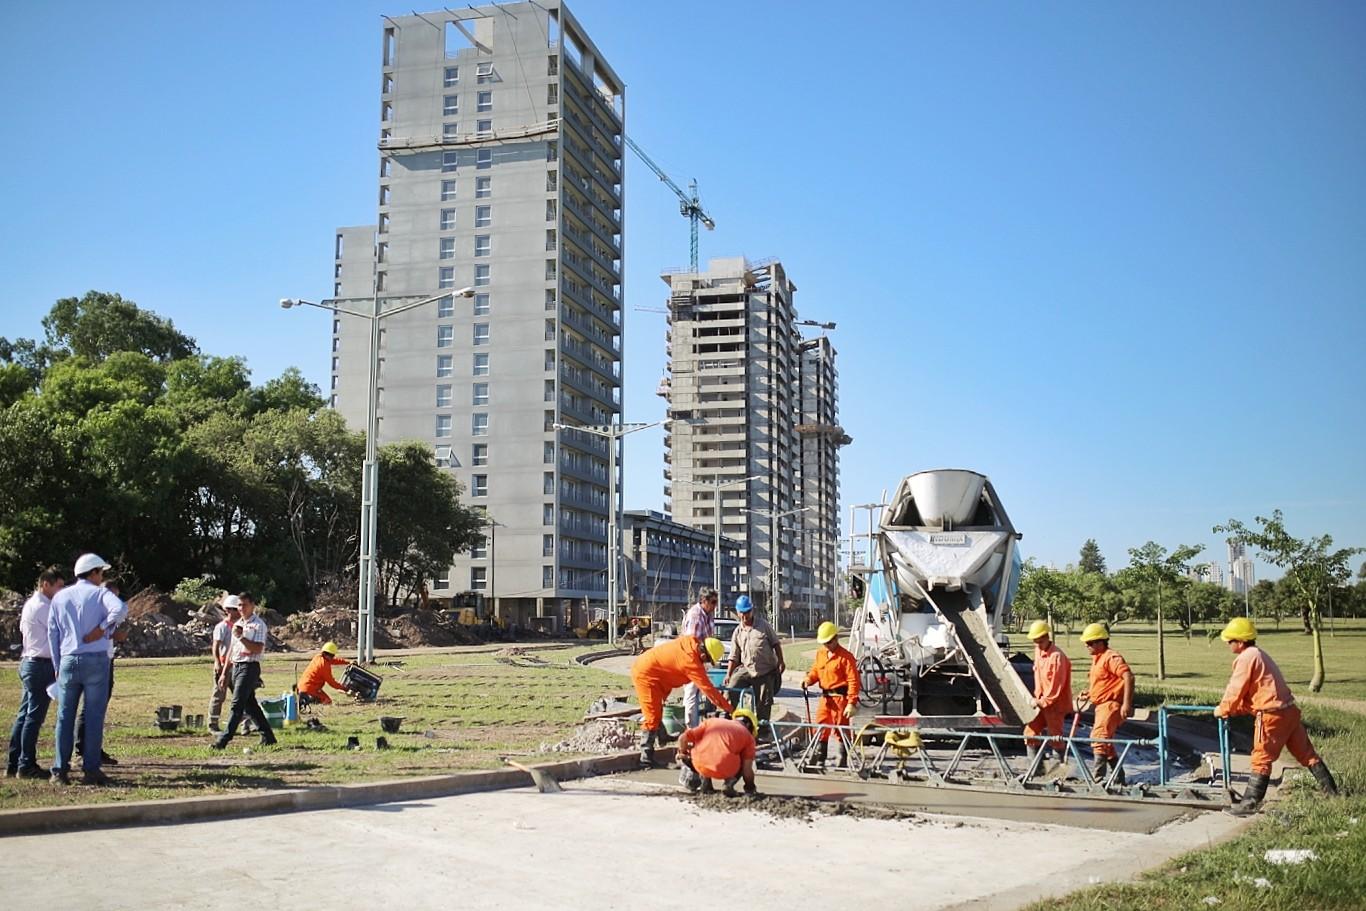 El sorteo de las primeras viviendas del ProCrear del Parque Federal se realiza la semana próxima